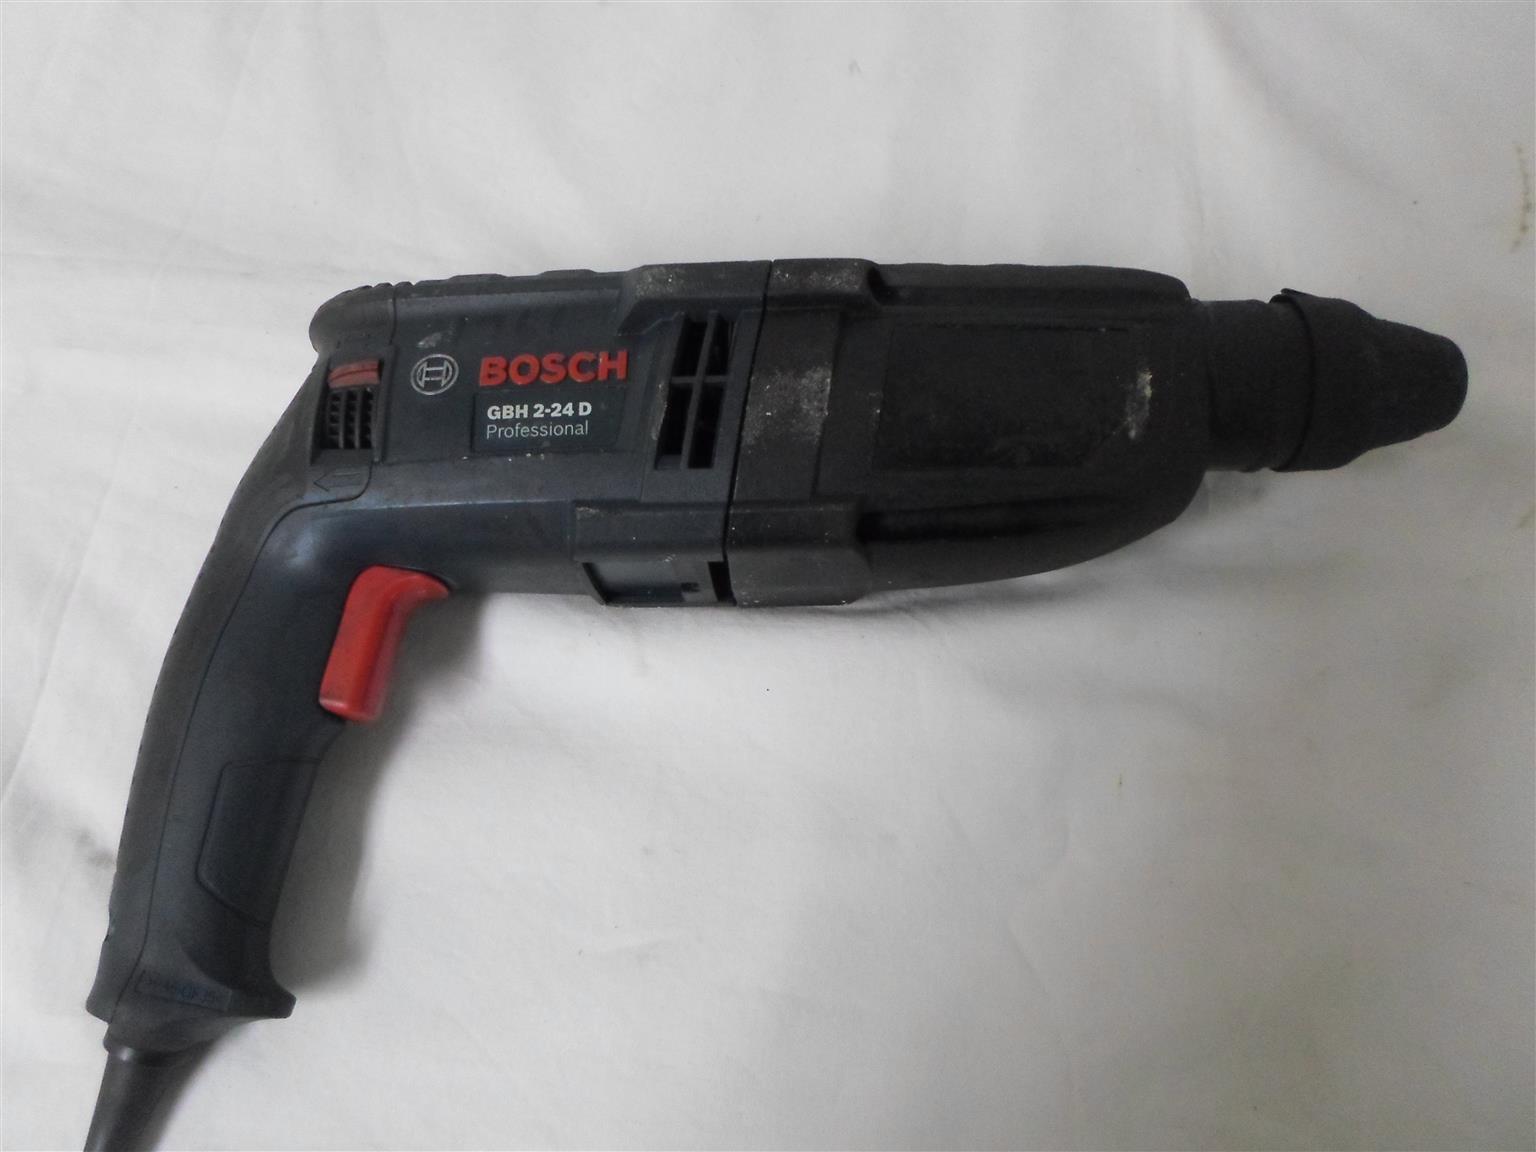 Bosch GBH 2-24D Drill